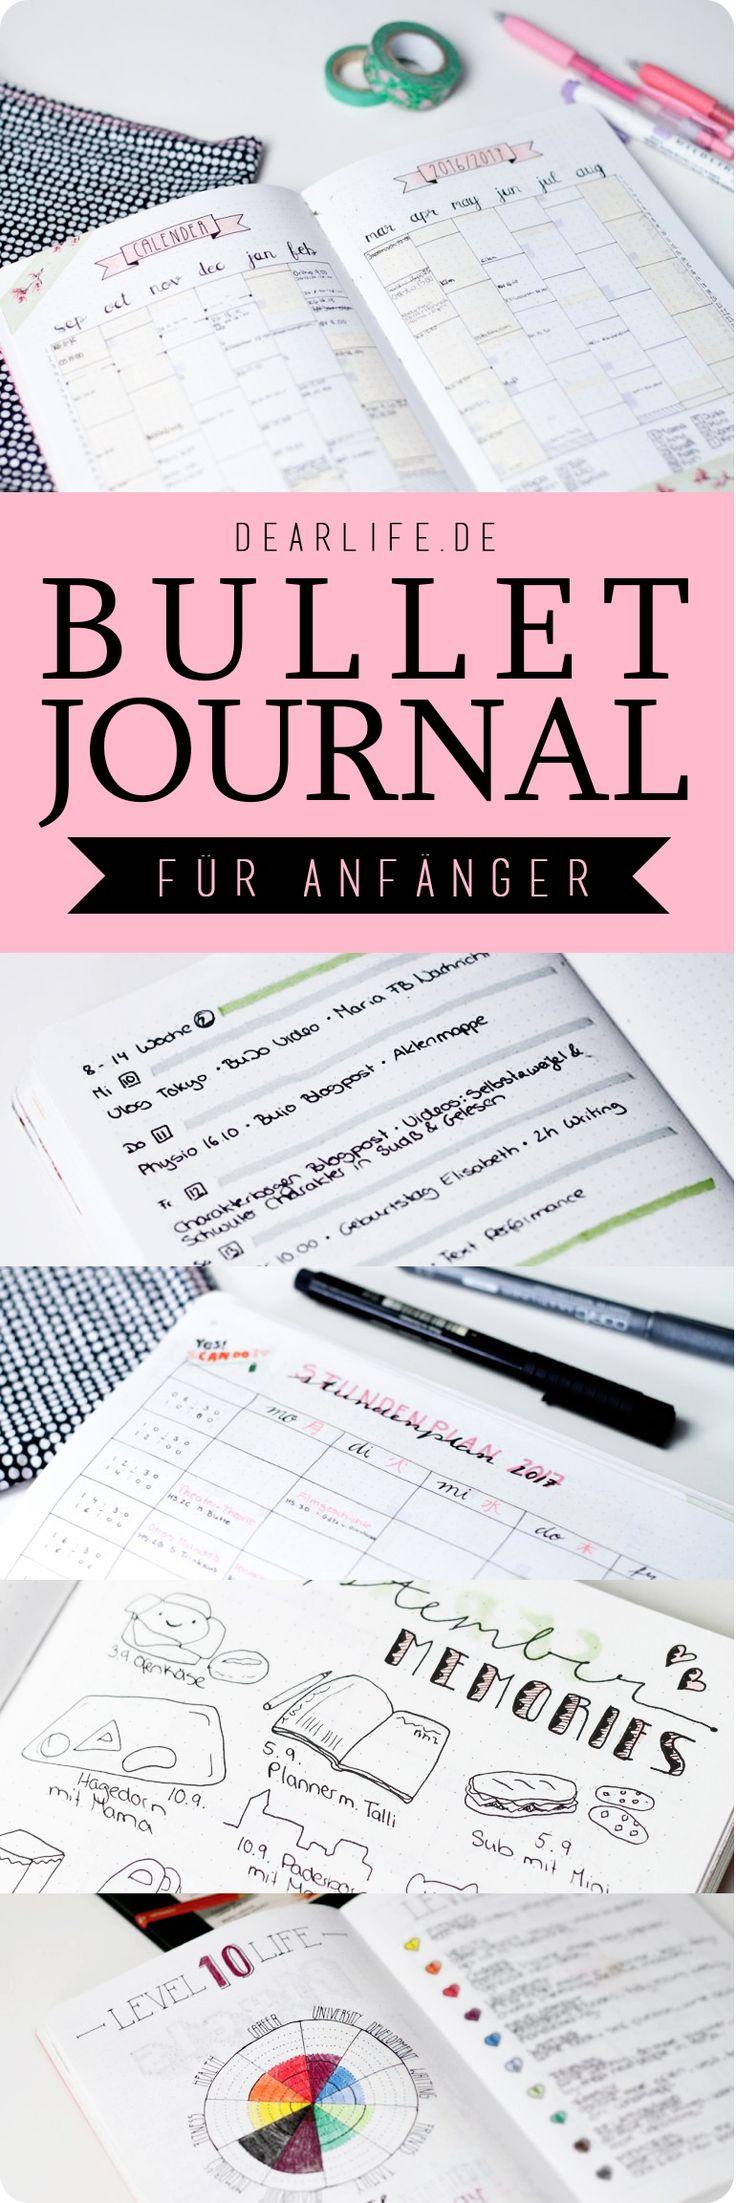 Mein ultimativer Guide zum Bullet Journal für Anfänger - so startest du dein Bullet Journal in 10 Minuten! Mit vielen wertvollen Tipps für den Anfang. www.dearlife.de